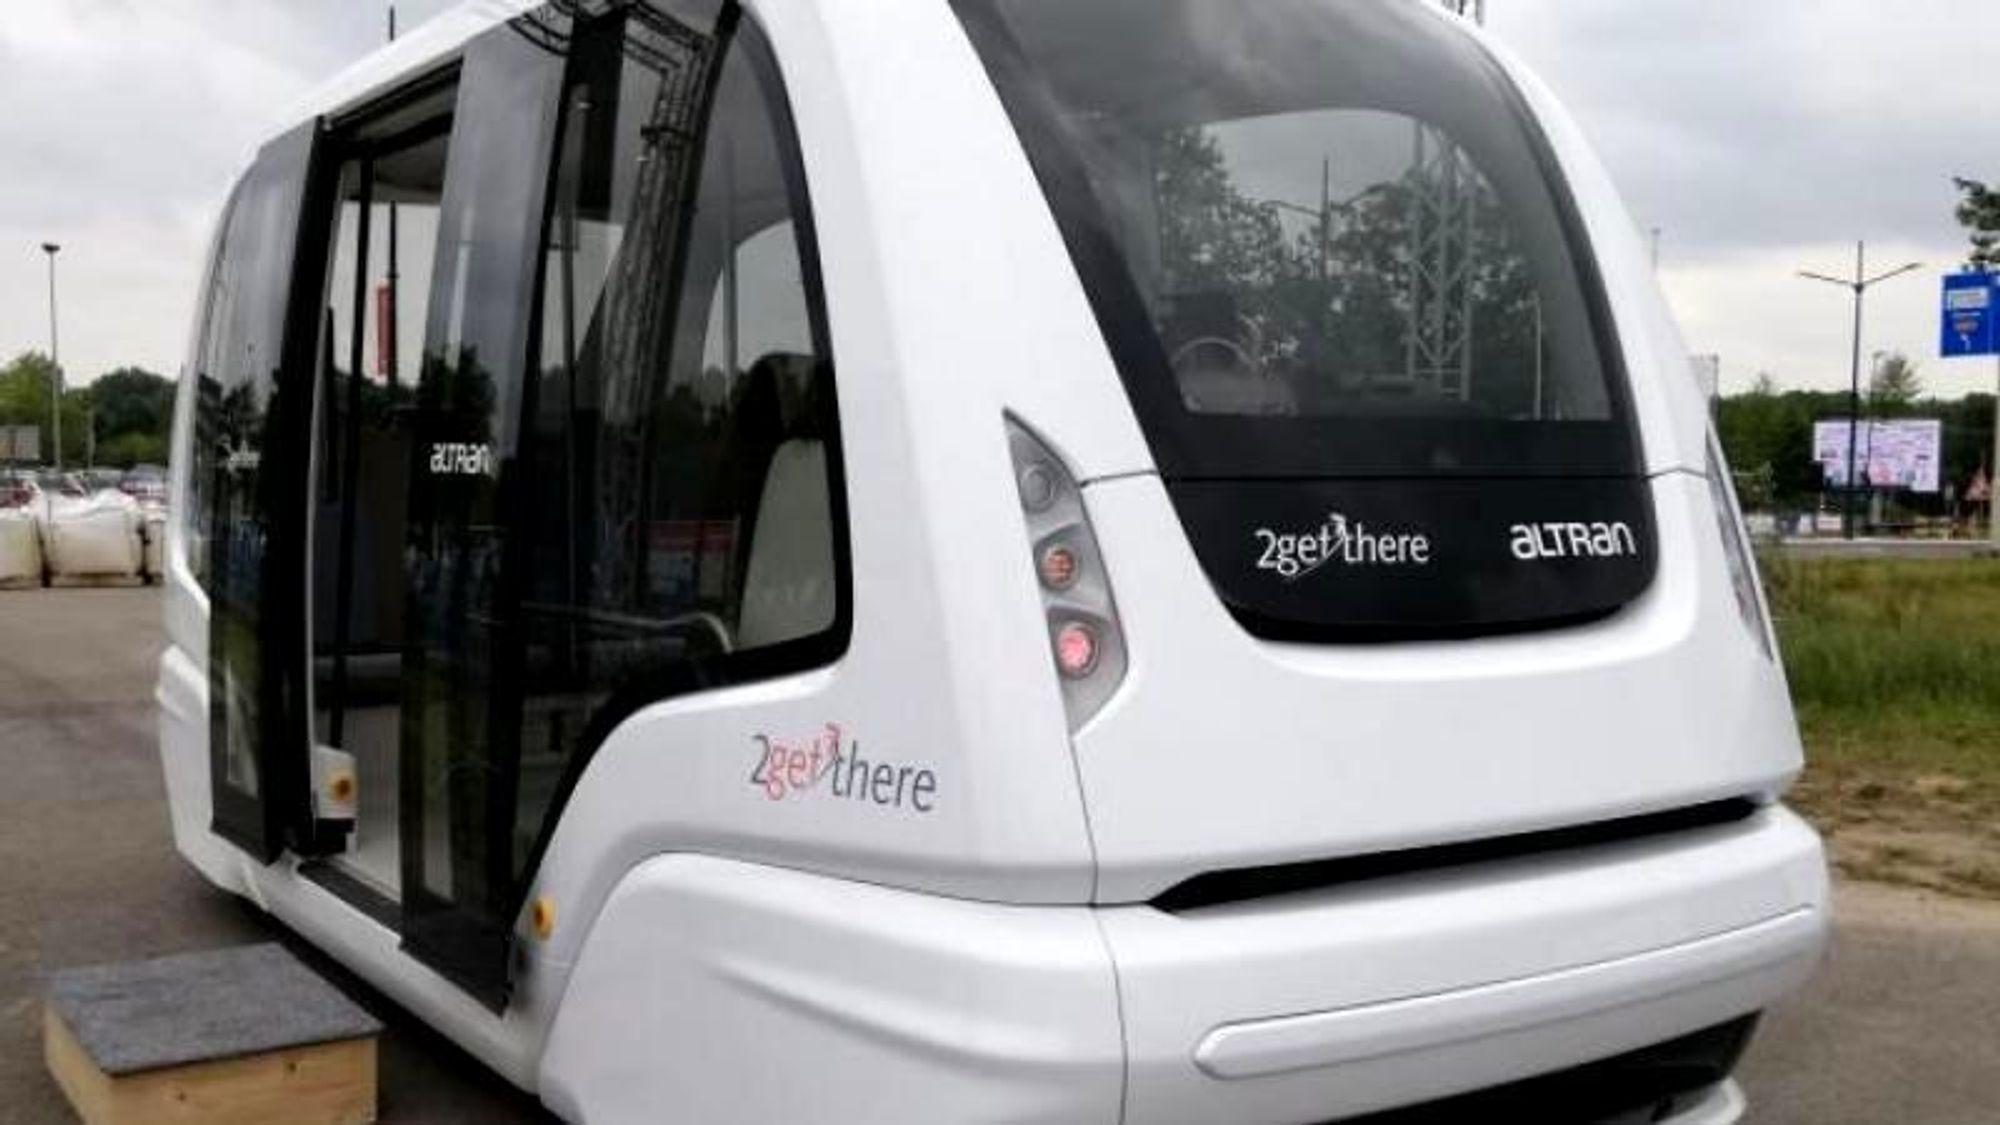 Dagens versjon av Parkshuttle forbinder T-banestasjonen Kralingse Zoom med næringsområdet Rivium i byen Capelle aan den IJssel ved Rotterdam. Dette er den nye, tredje generasjonen av bussen.